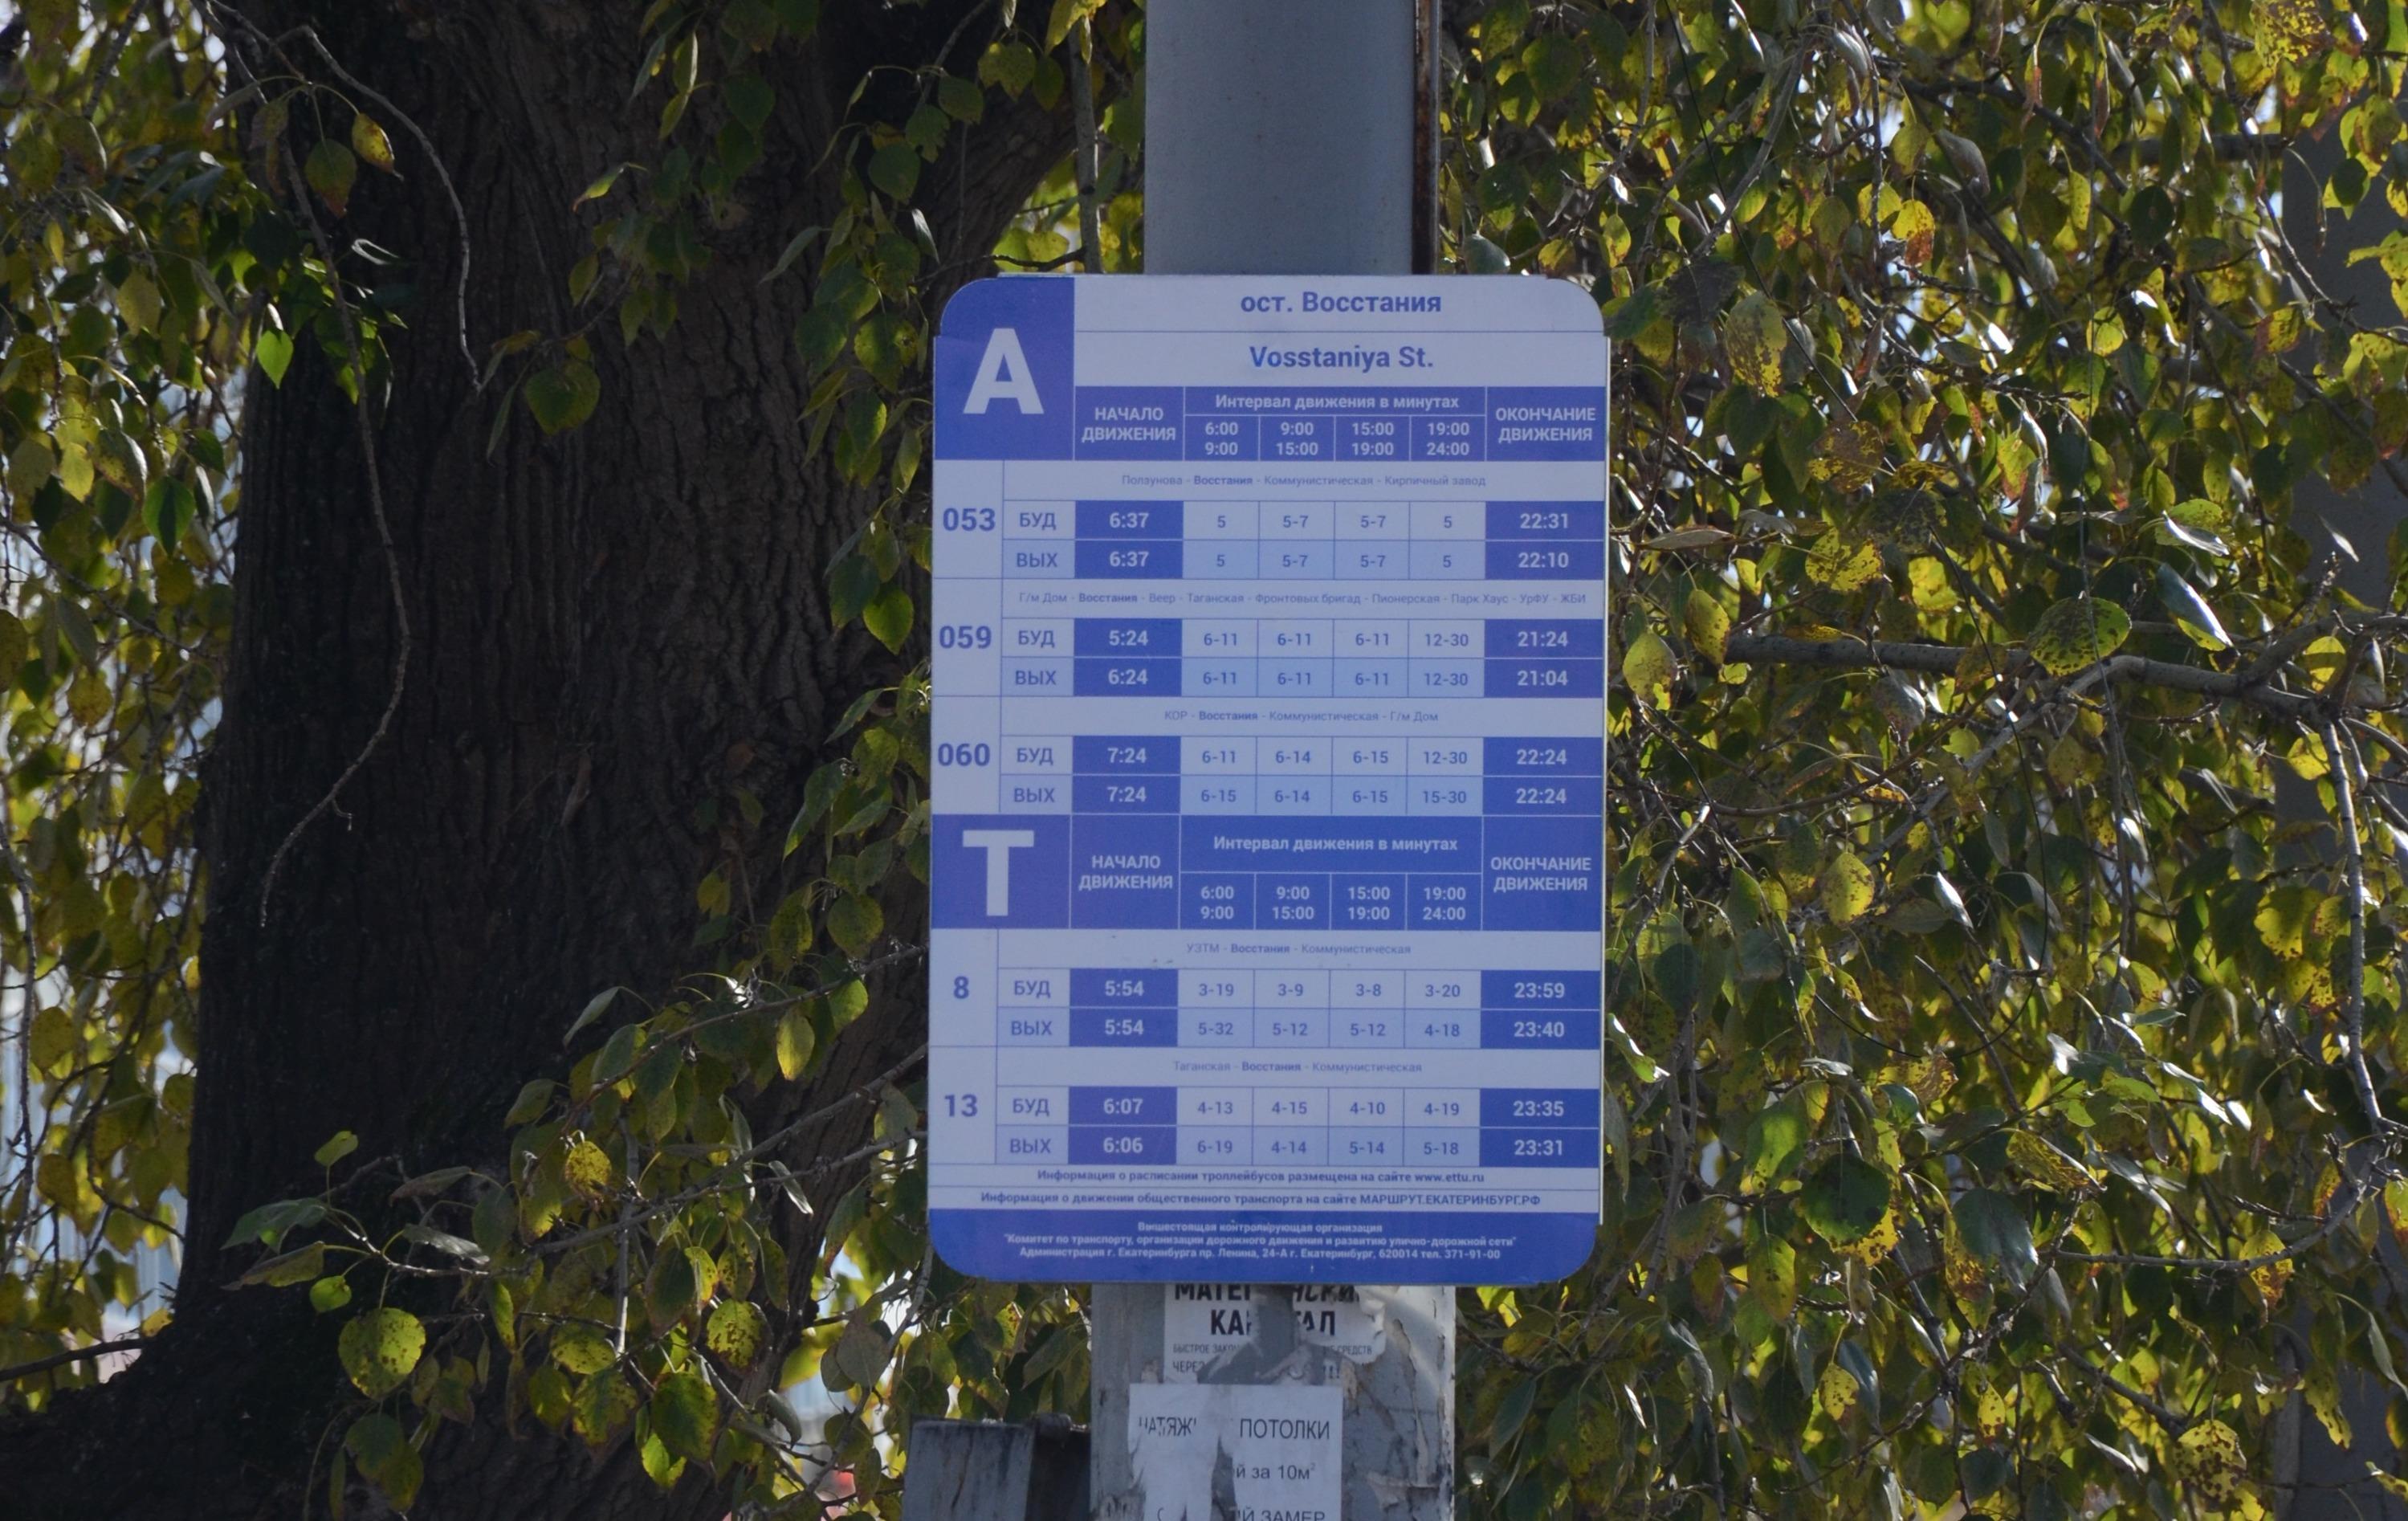 Вот такие таблички в этом году появились на многих остановках города. Но это не гостовские знаки, и они не запрещают водителям парковать автомобили там, где останавливаются автобусы и троллейбусы